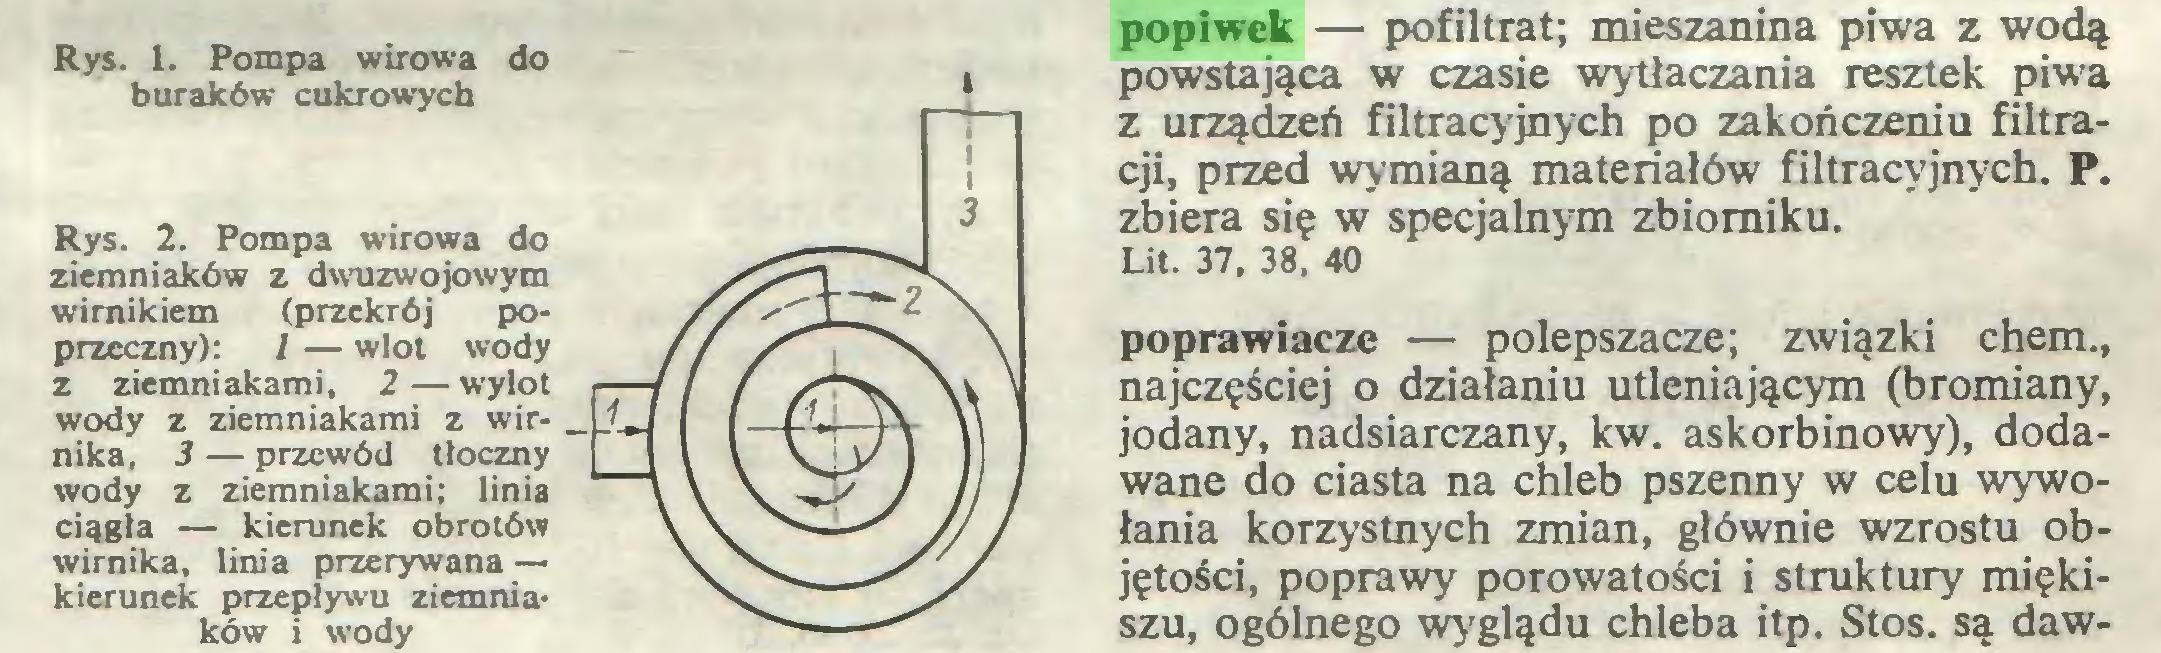 (...) Rys. 2. Pompa wirowa do ziemniaków z dwuzwojowym wirnikiem (przekrój poprzeczny): 1 — wlot wody z ziemniakami, 2—wylot wody z ziemniakami z wir- , nika, 3 — przewód tłoczny wody z ziemniakami; linia ciągła — kierunek obrotów wirnika, linia przerywana — kierunek przepływu ziemniaków i wody popiwek — pofiltrat; mieszanina piwa z wodą powstająca w czasie wytłaczania resztek piwa z urządzeń filtracyjnych po zakończeniu filtracji, przed wymianą materiałów filtracyjnych. P...